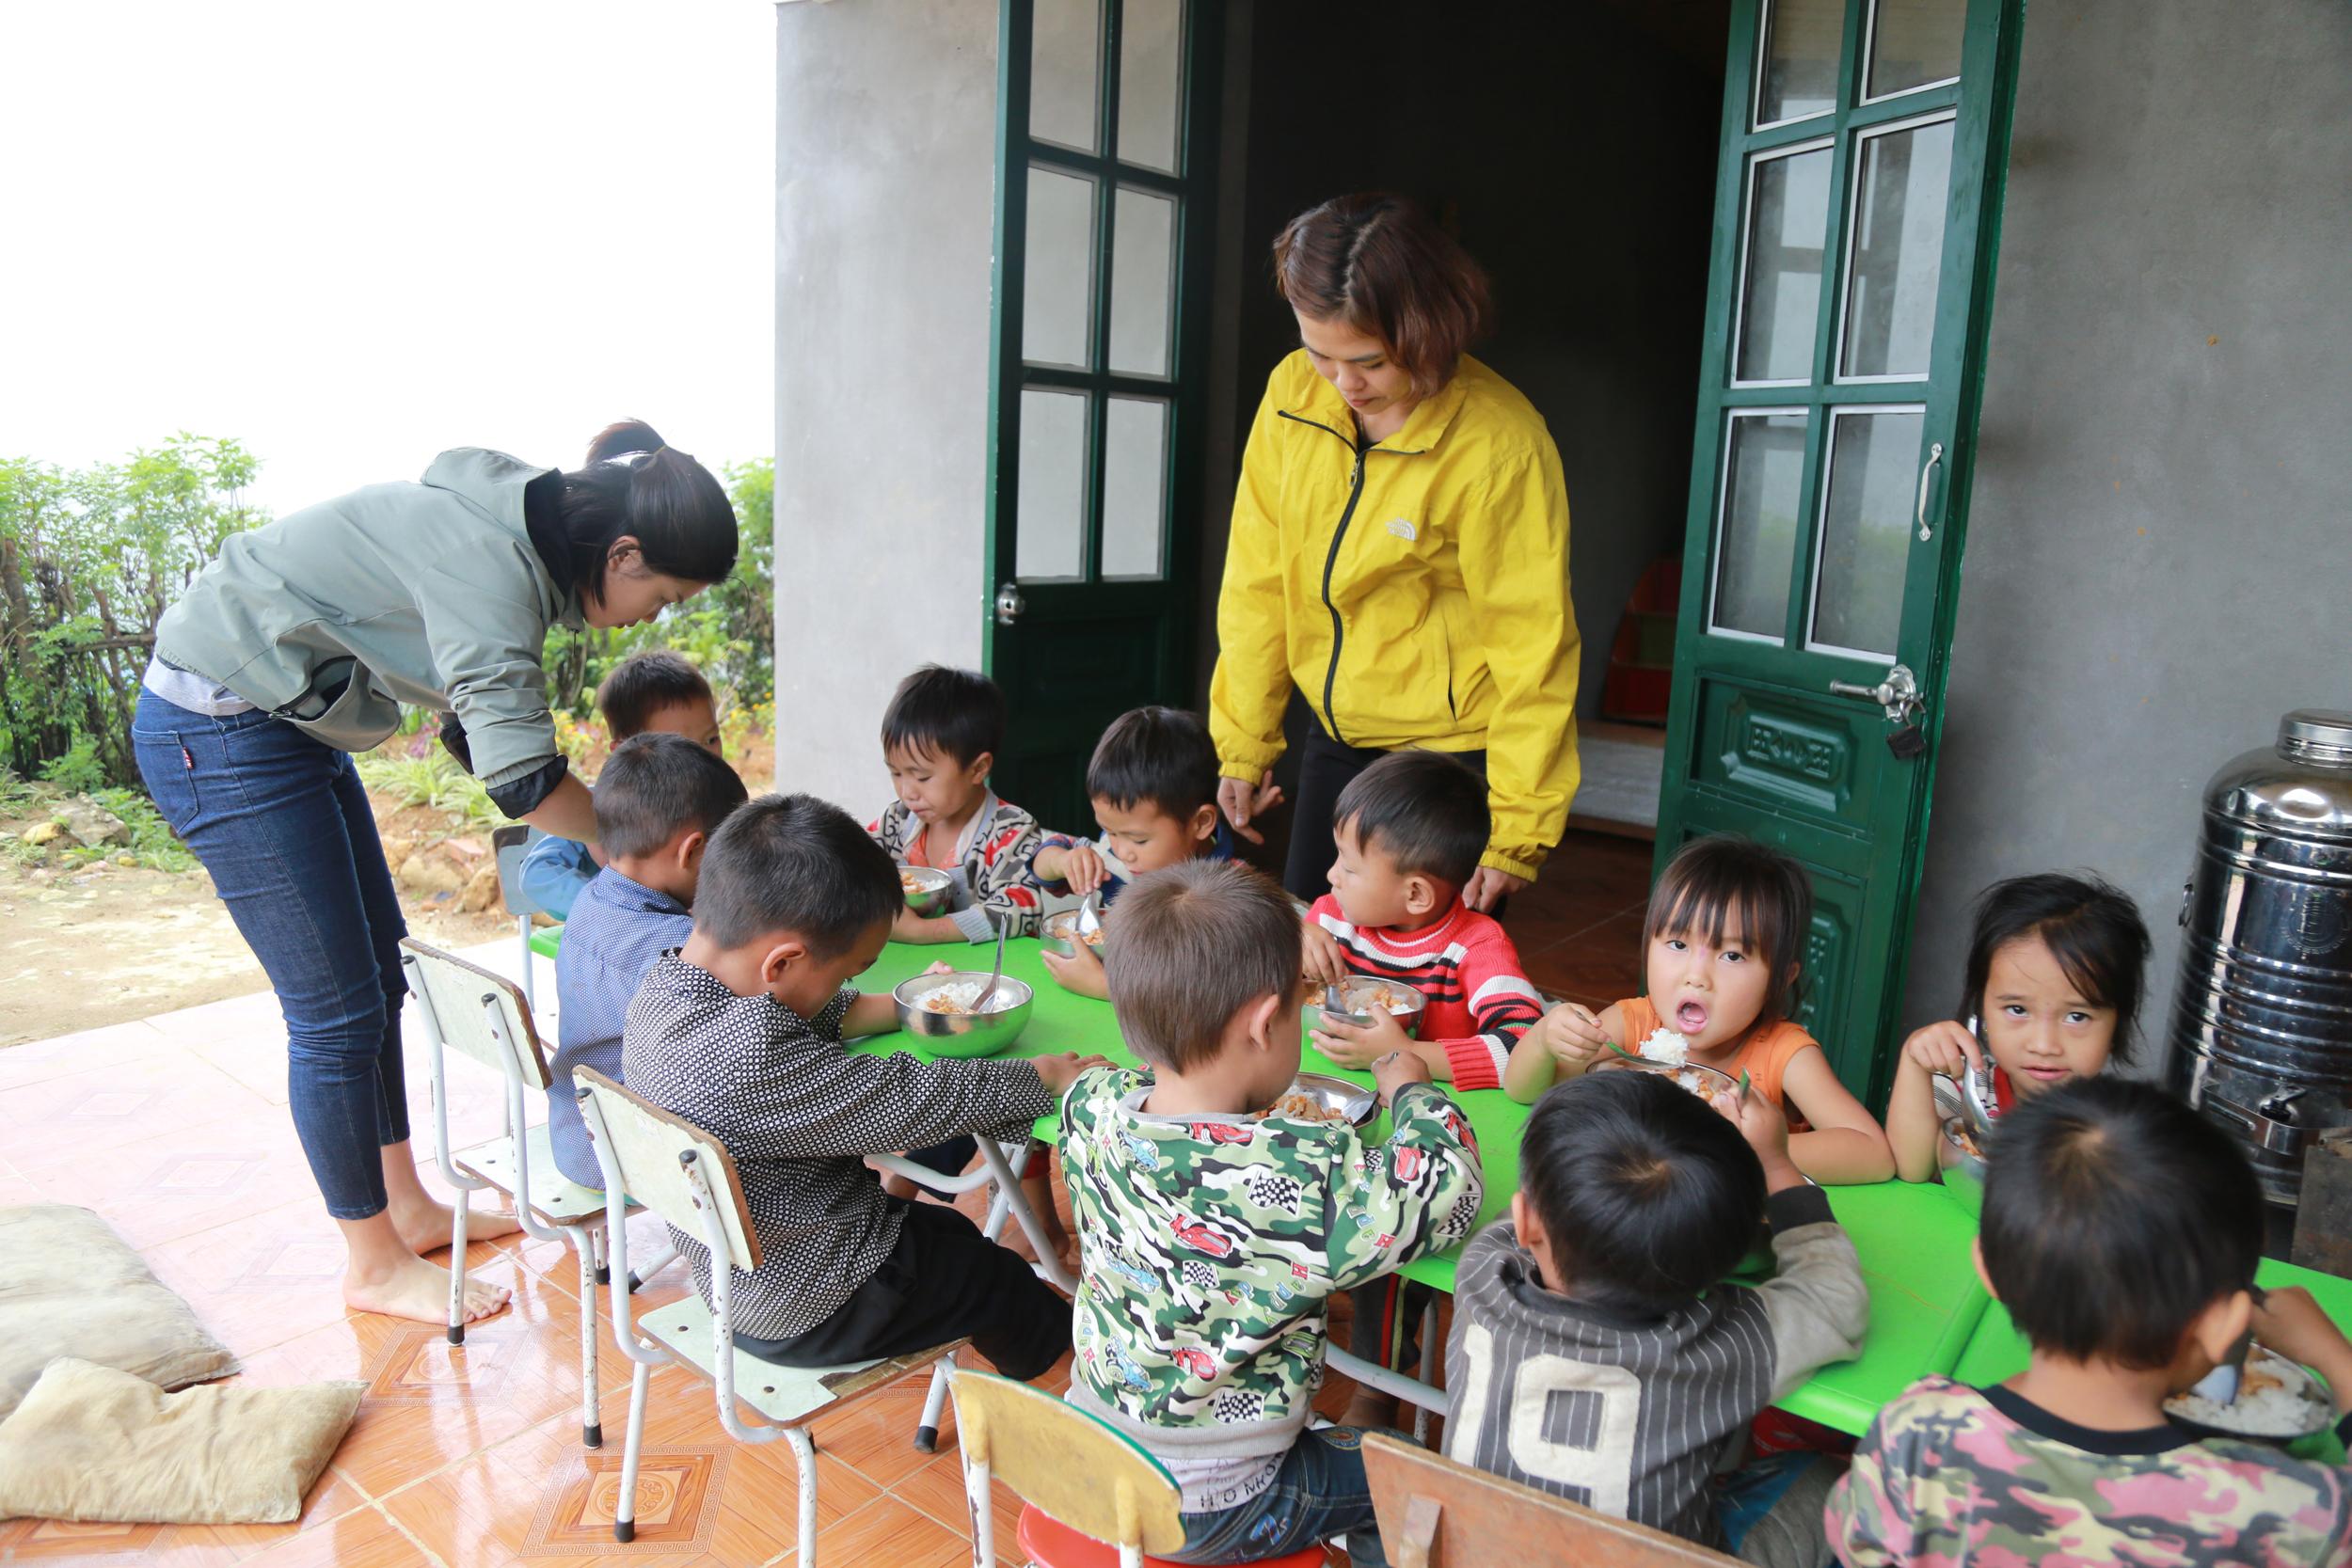 Ngoài dạy chữ, các cô giáo ở Nhìu Cồ San còn kiêm cả nấu ăn bán trú cho học sinh